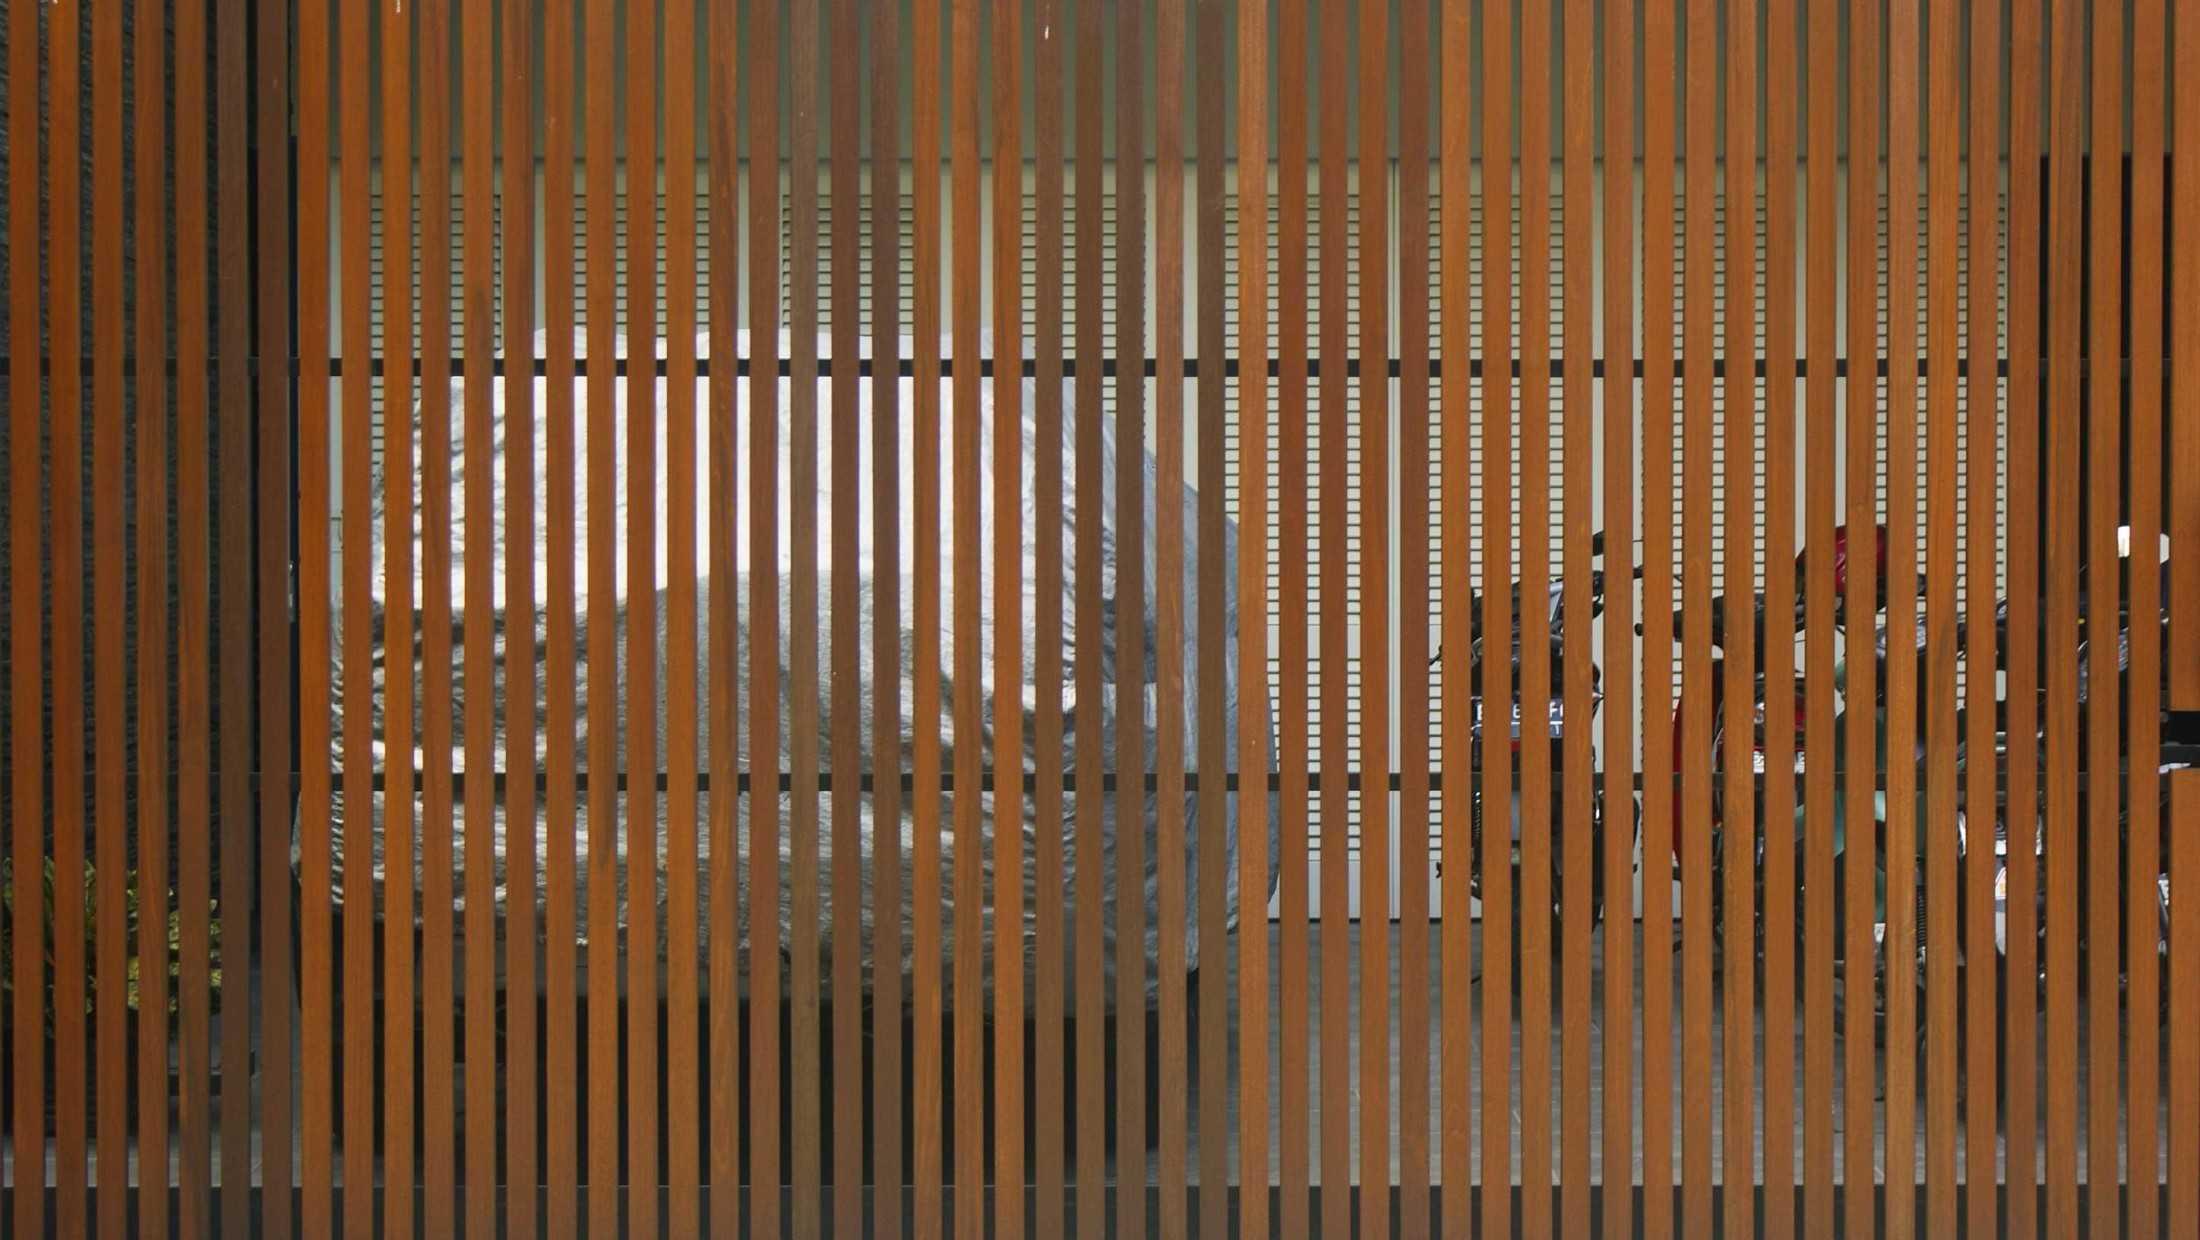 Avana Architecture Rumah Di Villa Permata Klp. Gading, Kota Jkt Utara, Daerah Khusus Ibukota Jakarta, Indonesia Klp. Gading, Kota Jkt Utara, Daerah Khusus Ibukota Jakarta, Indonesia Avana-Architecture-Rumah-Di-Villa-Permata  57575